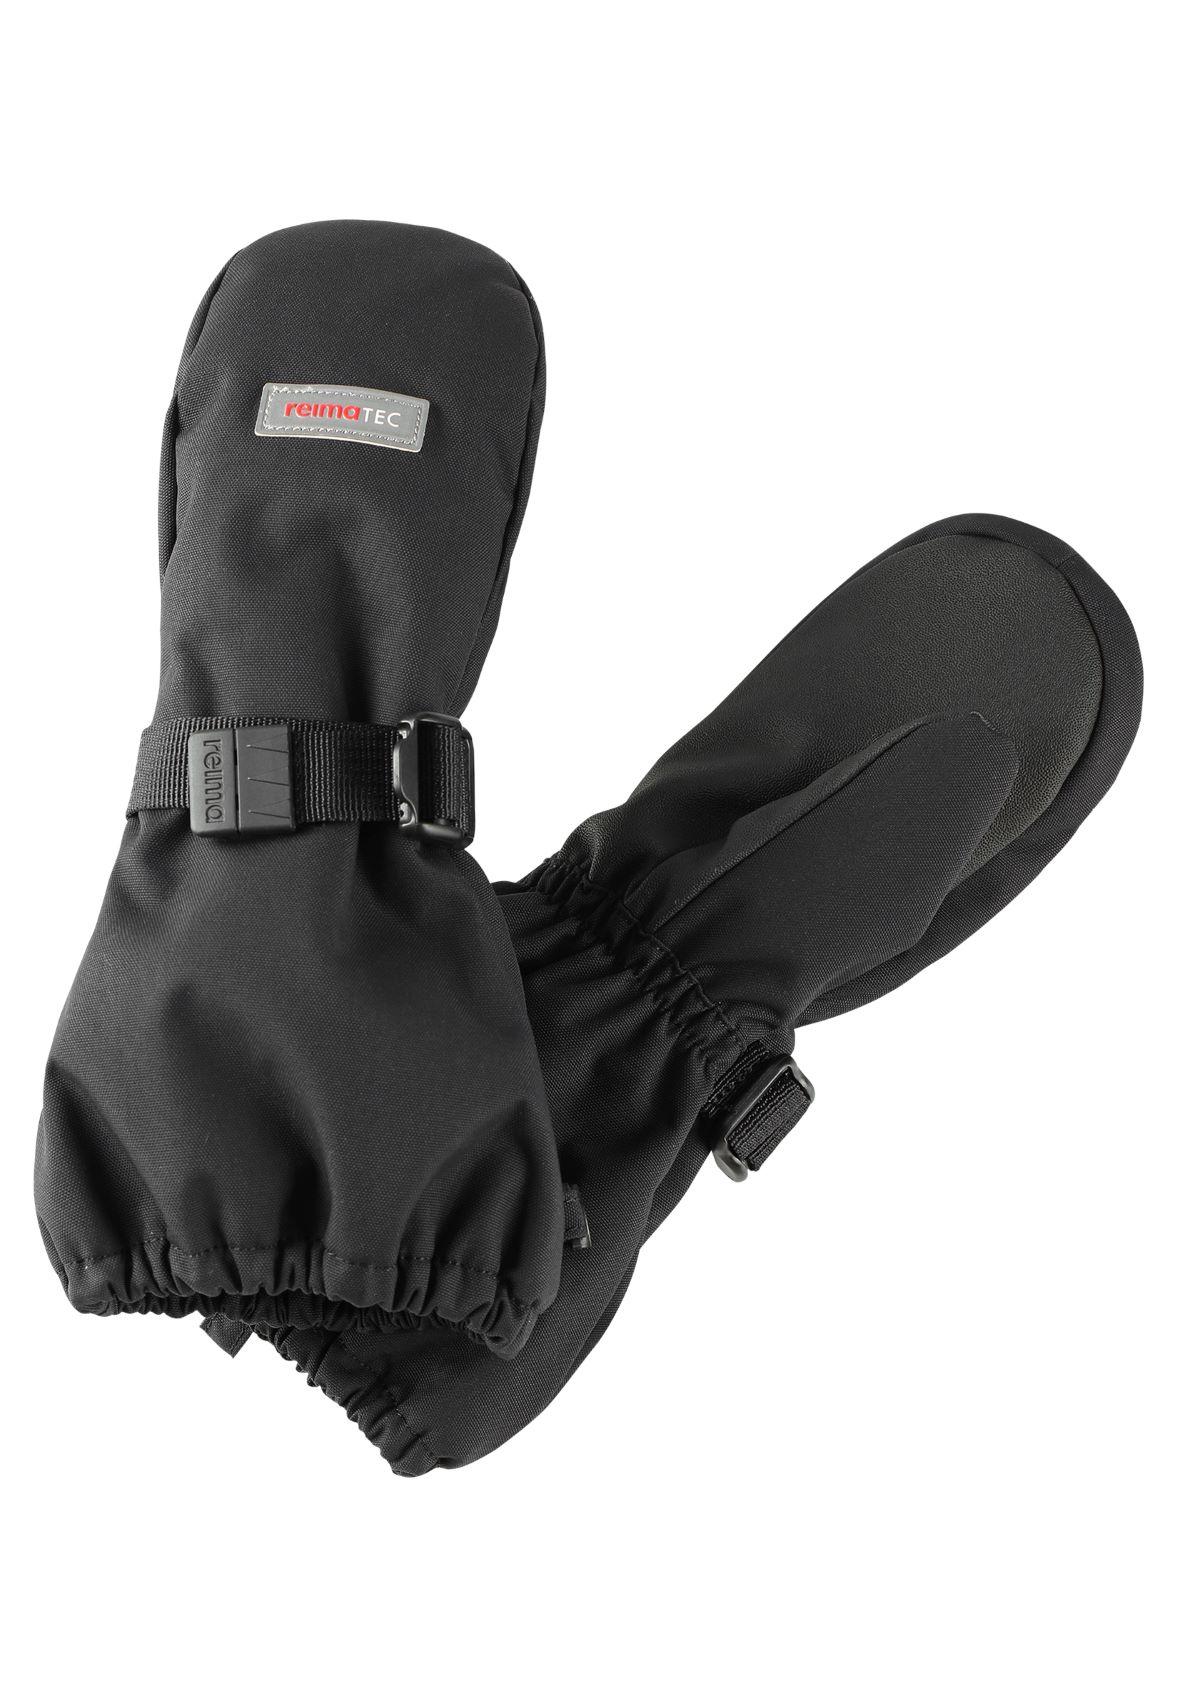 Reima Ote zimne cierne detske nepremokave rukavice palcaky